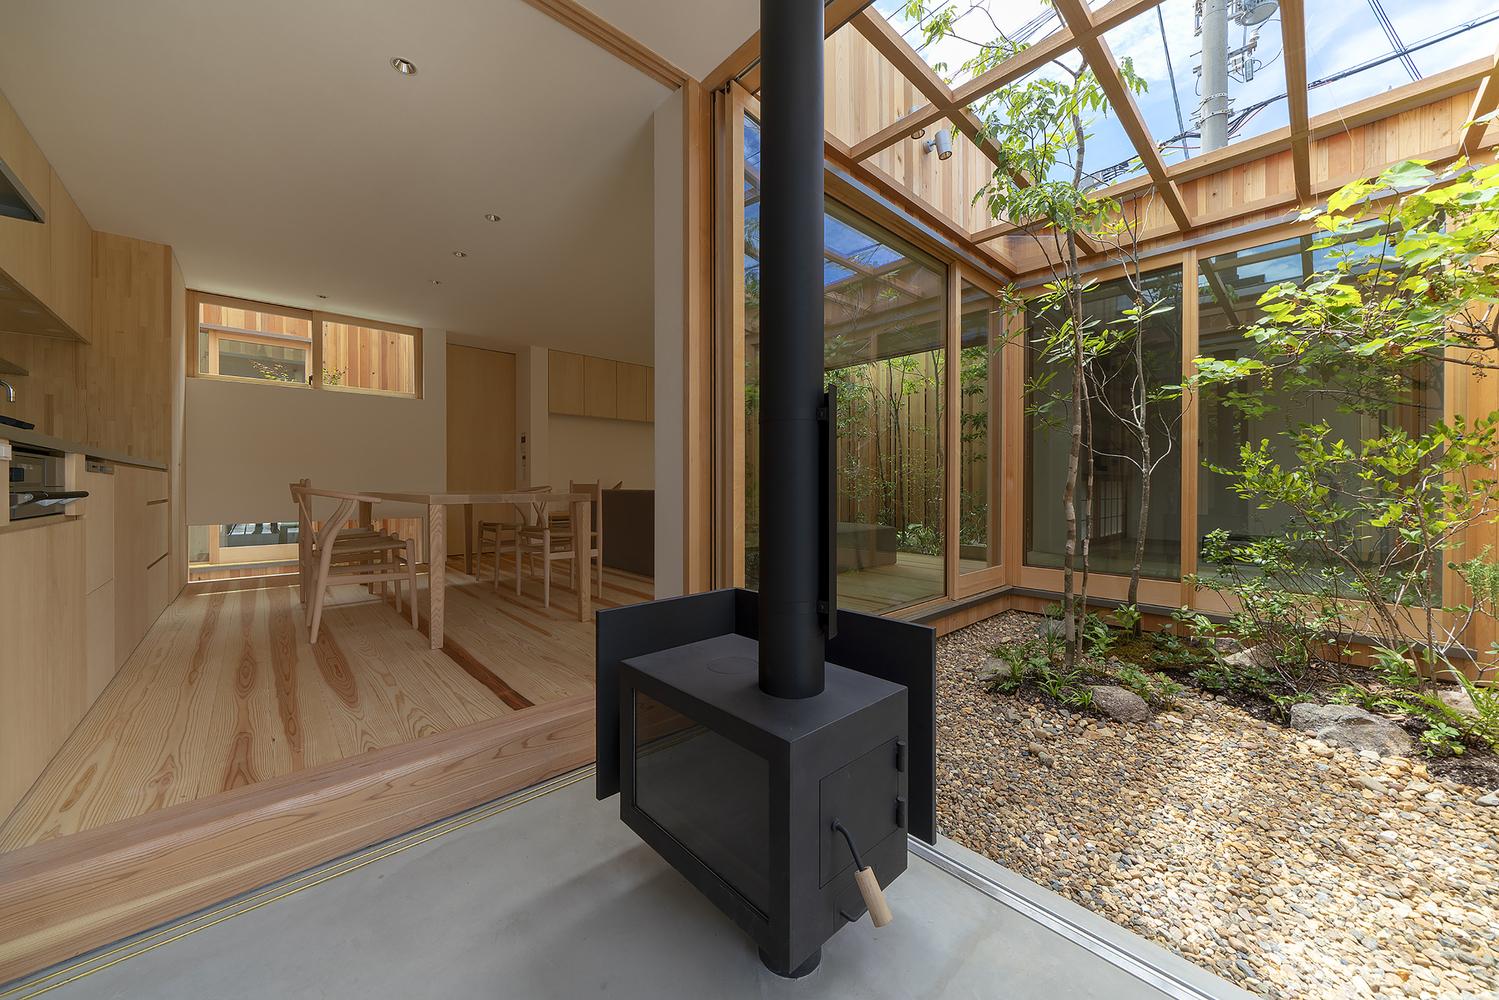 住宅设计:占地12mx10m的木质感禅意别墅,有三个内庭院